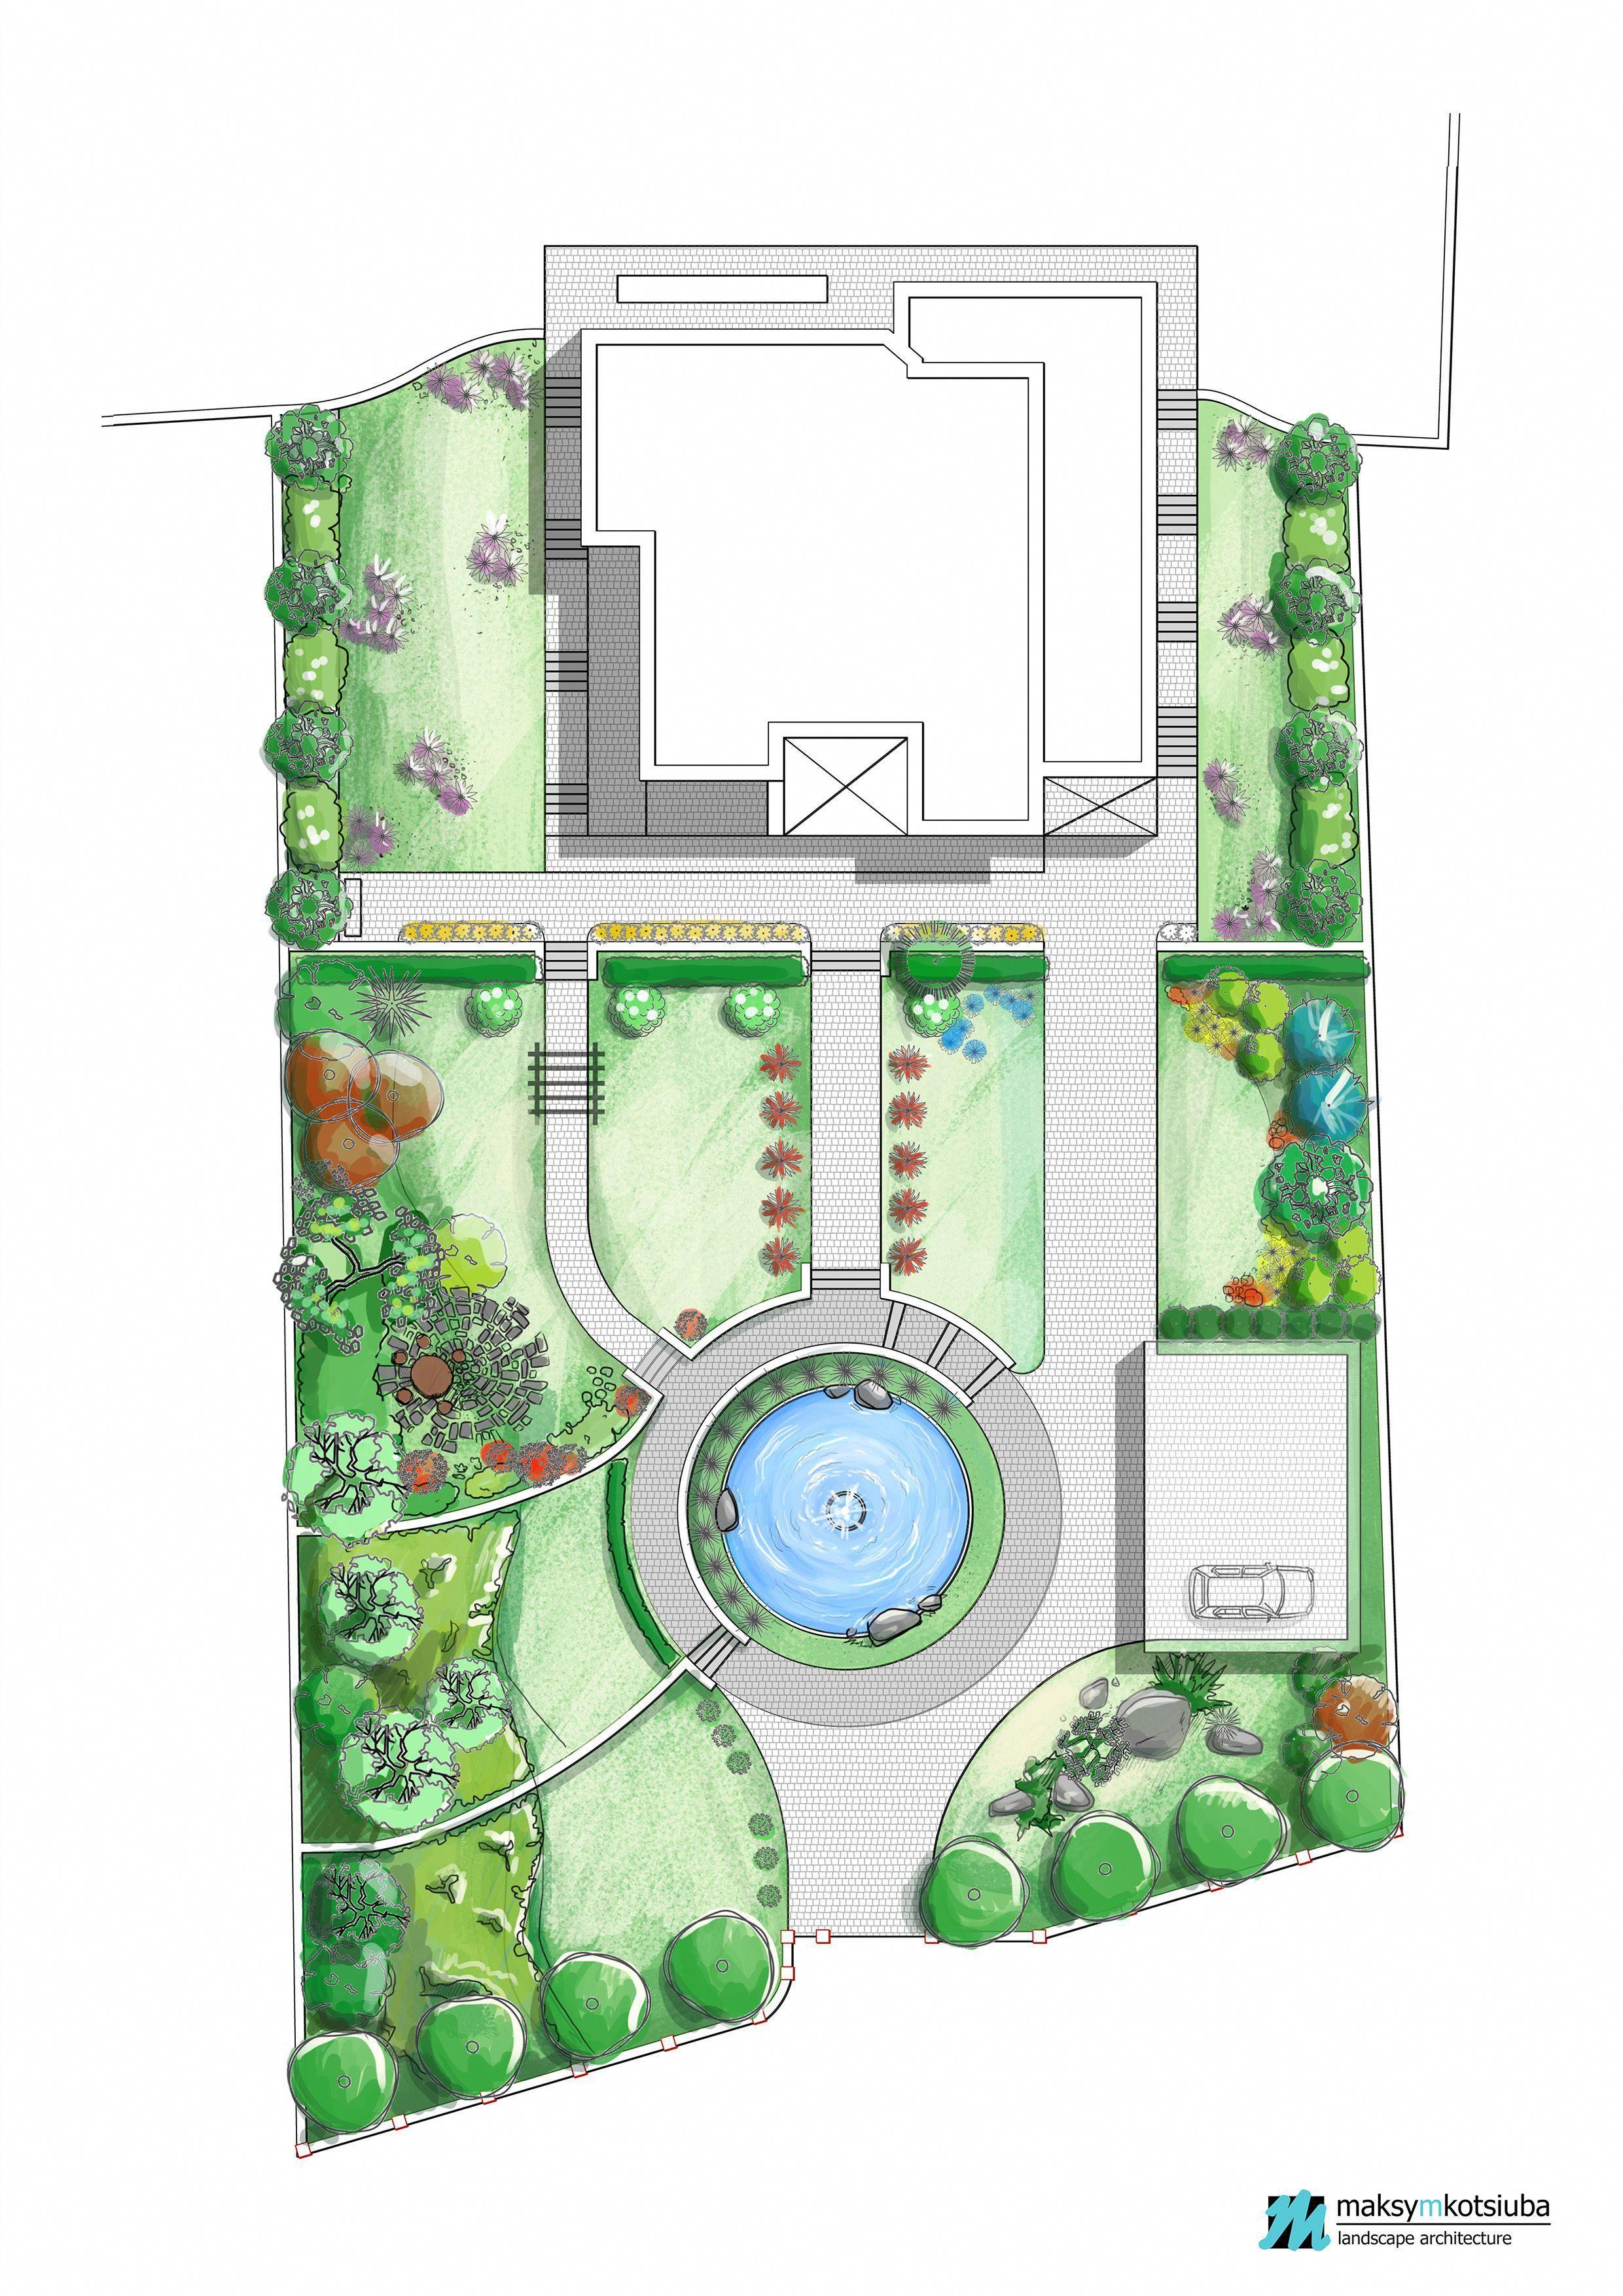 Landscape Gardening Course Melbourne Peyzaj Tasarimi Peyzaj Mimarisi Tasarimlari Tasarim Sureci